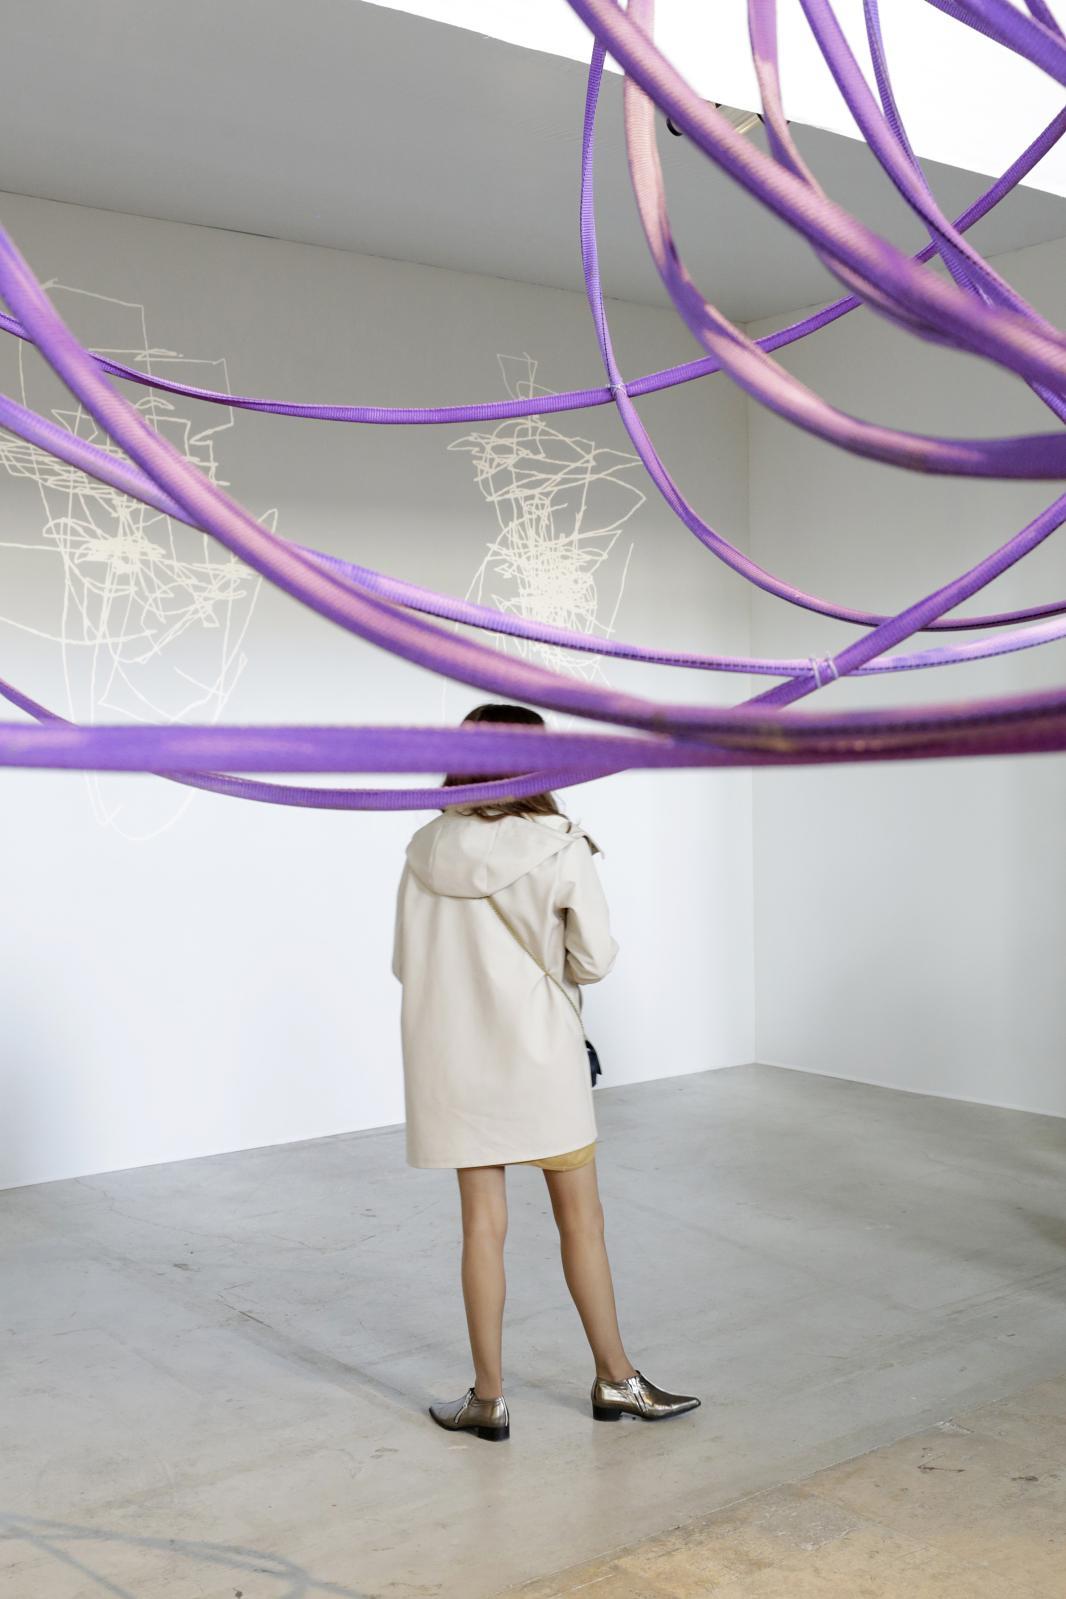 CHOICES Paris, Collectors Weekend / vue de l'exposition collective au Palais de Tokyo en mai dernier, sculpture de Michelangelo Penso de 1964, présent